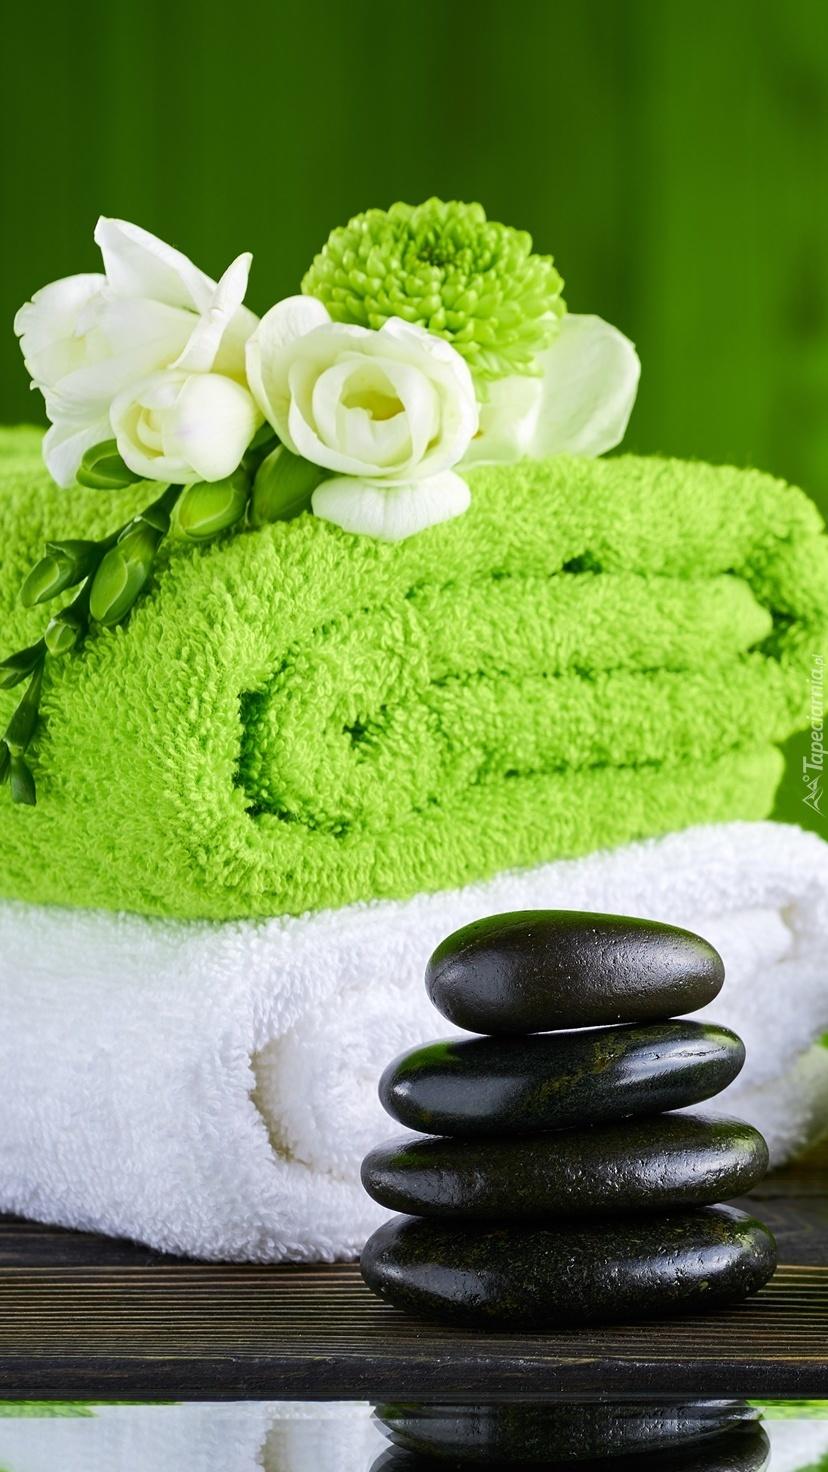 Kwiaty na ręcznikach